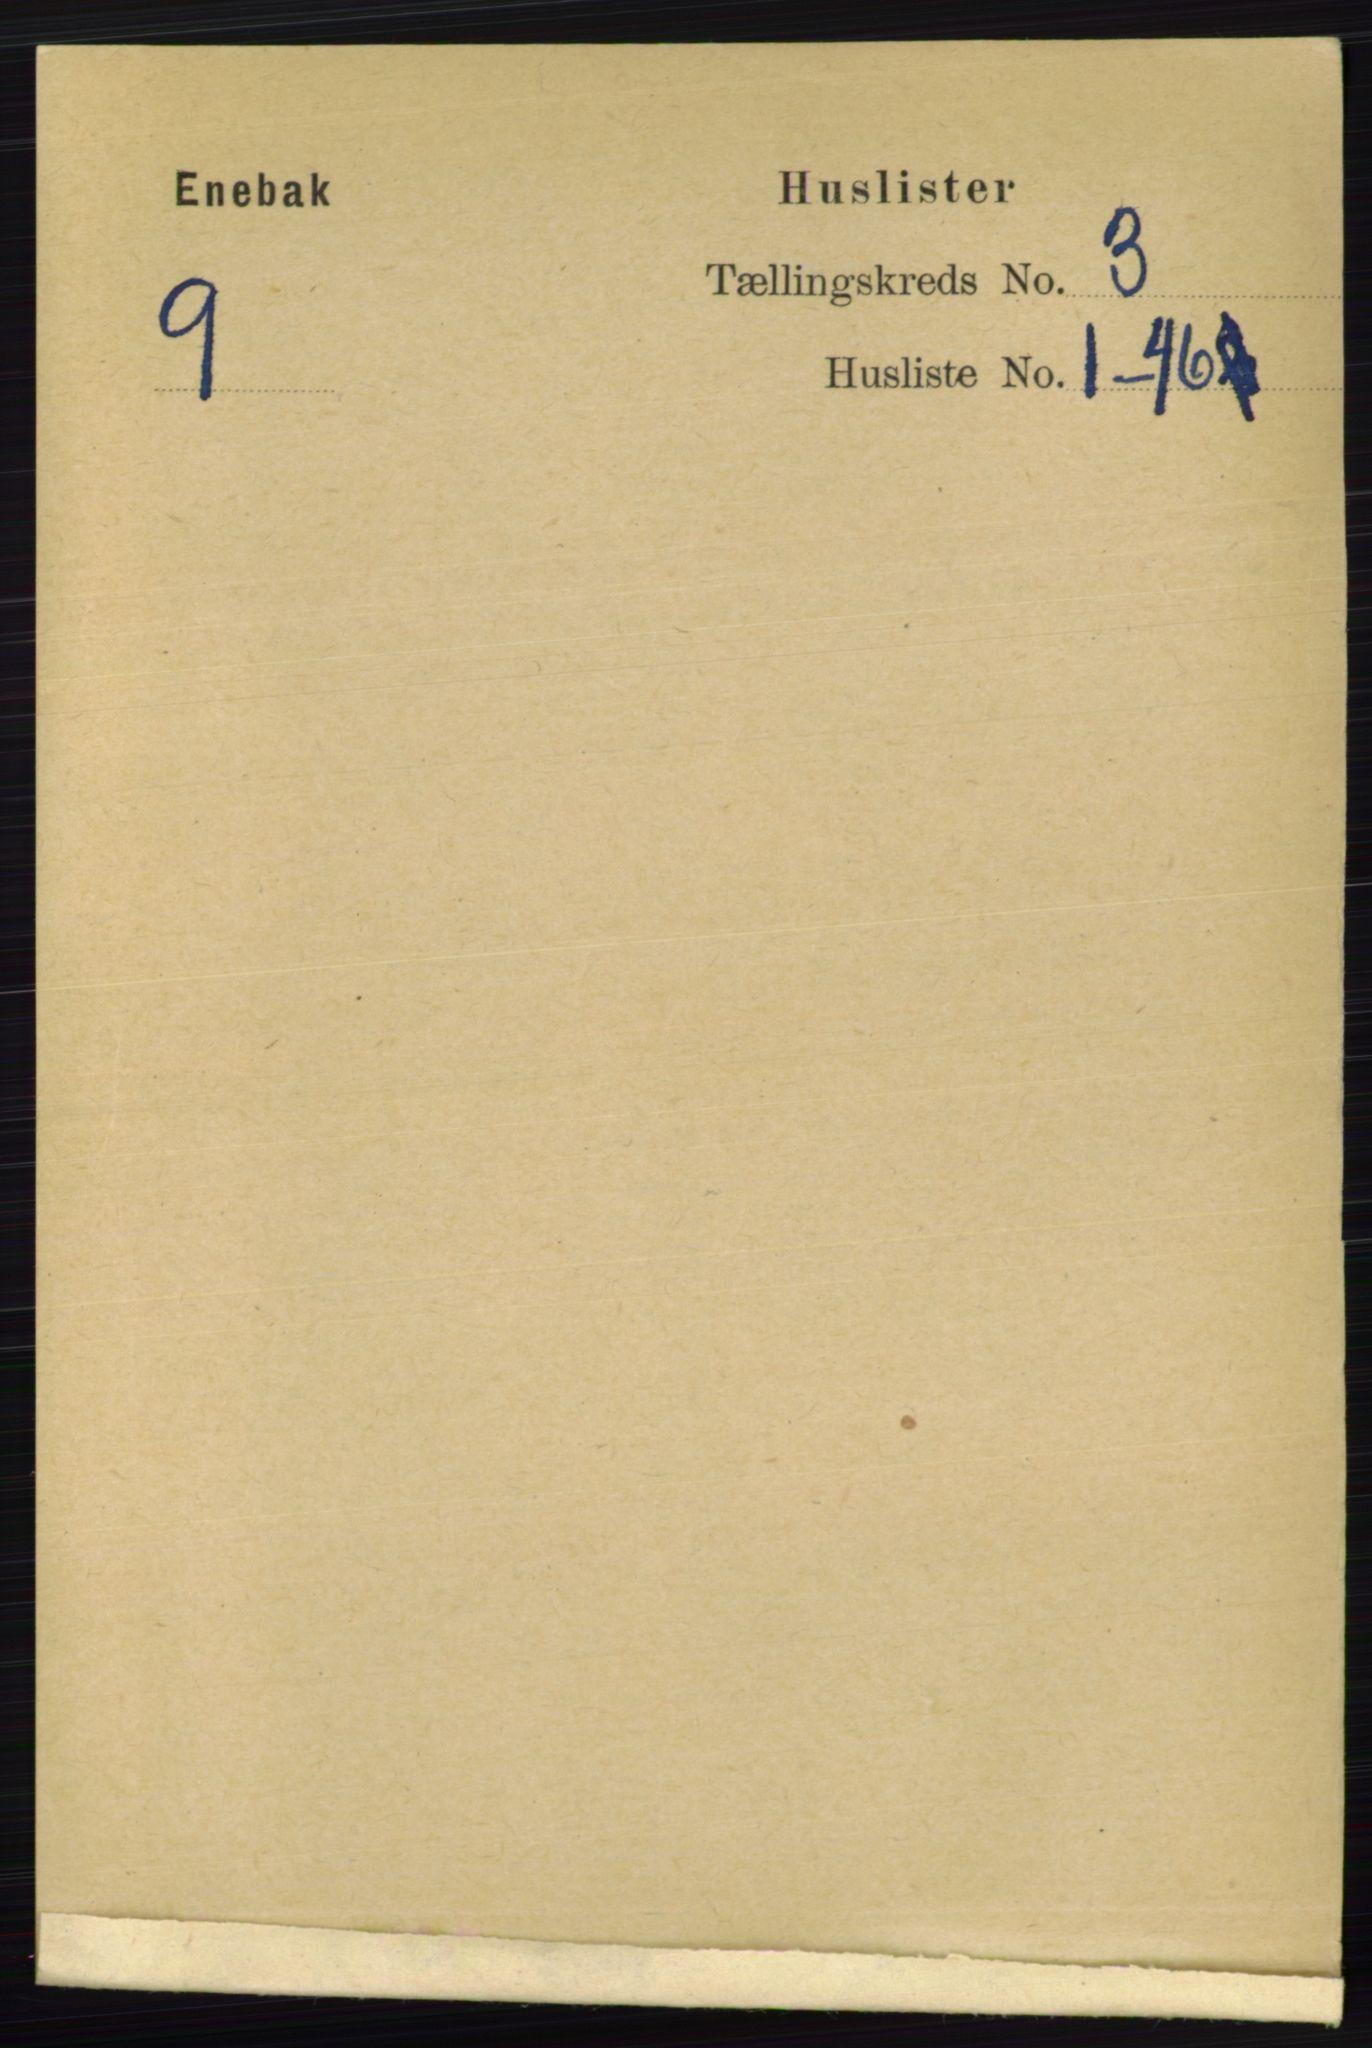 RA, Folketelling 1891 for 0229 Enebakk herred, 1891, s. 1071